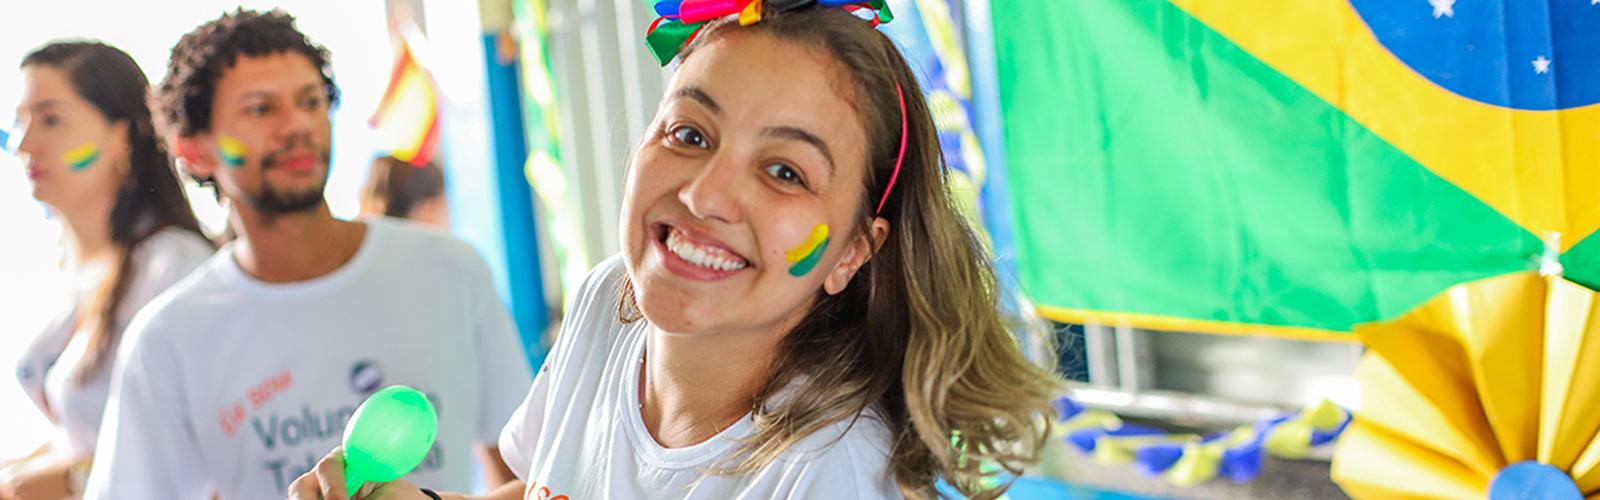 Imagem de uma voluntária com o rosto pintado e a bandeira do Brasil ao fundo, durante o programa Vacaciones Solidárias